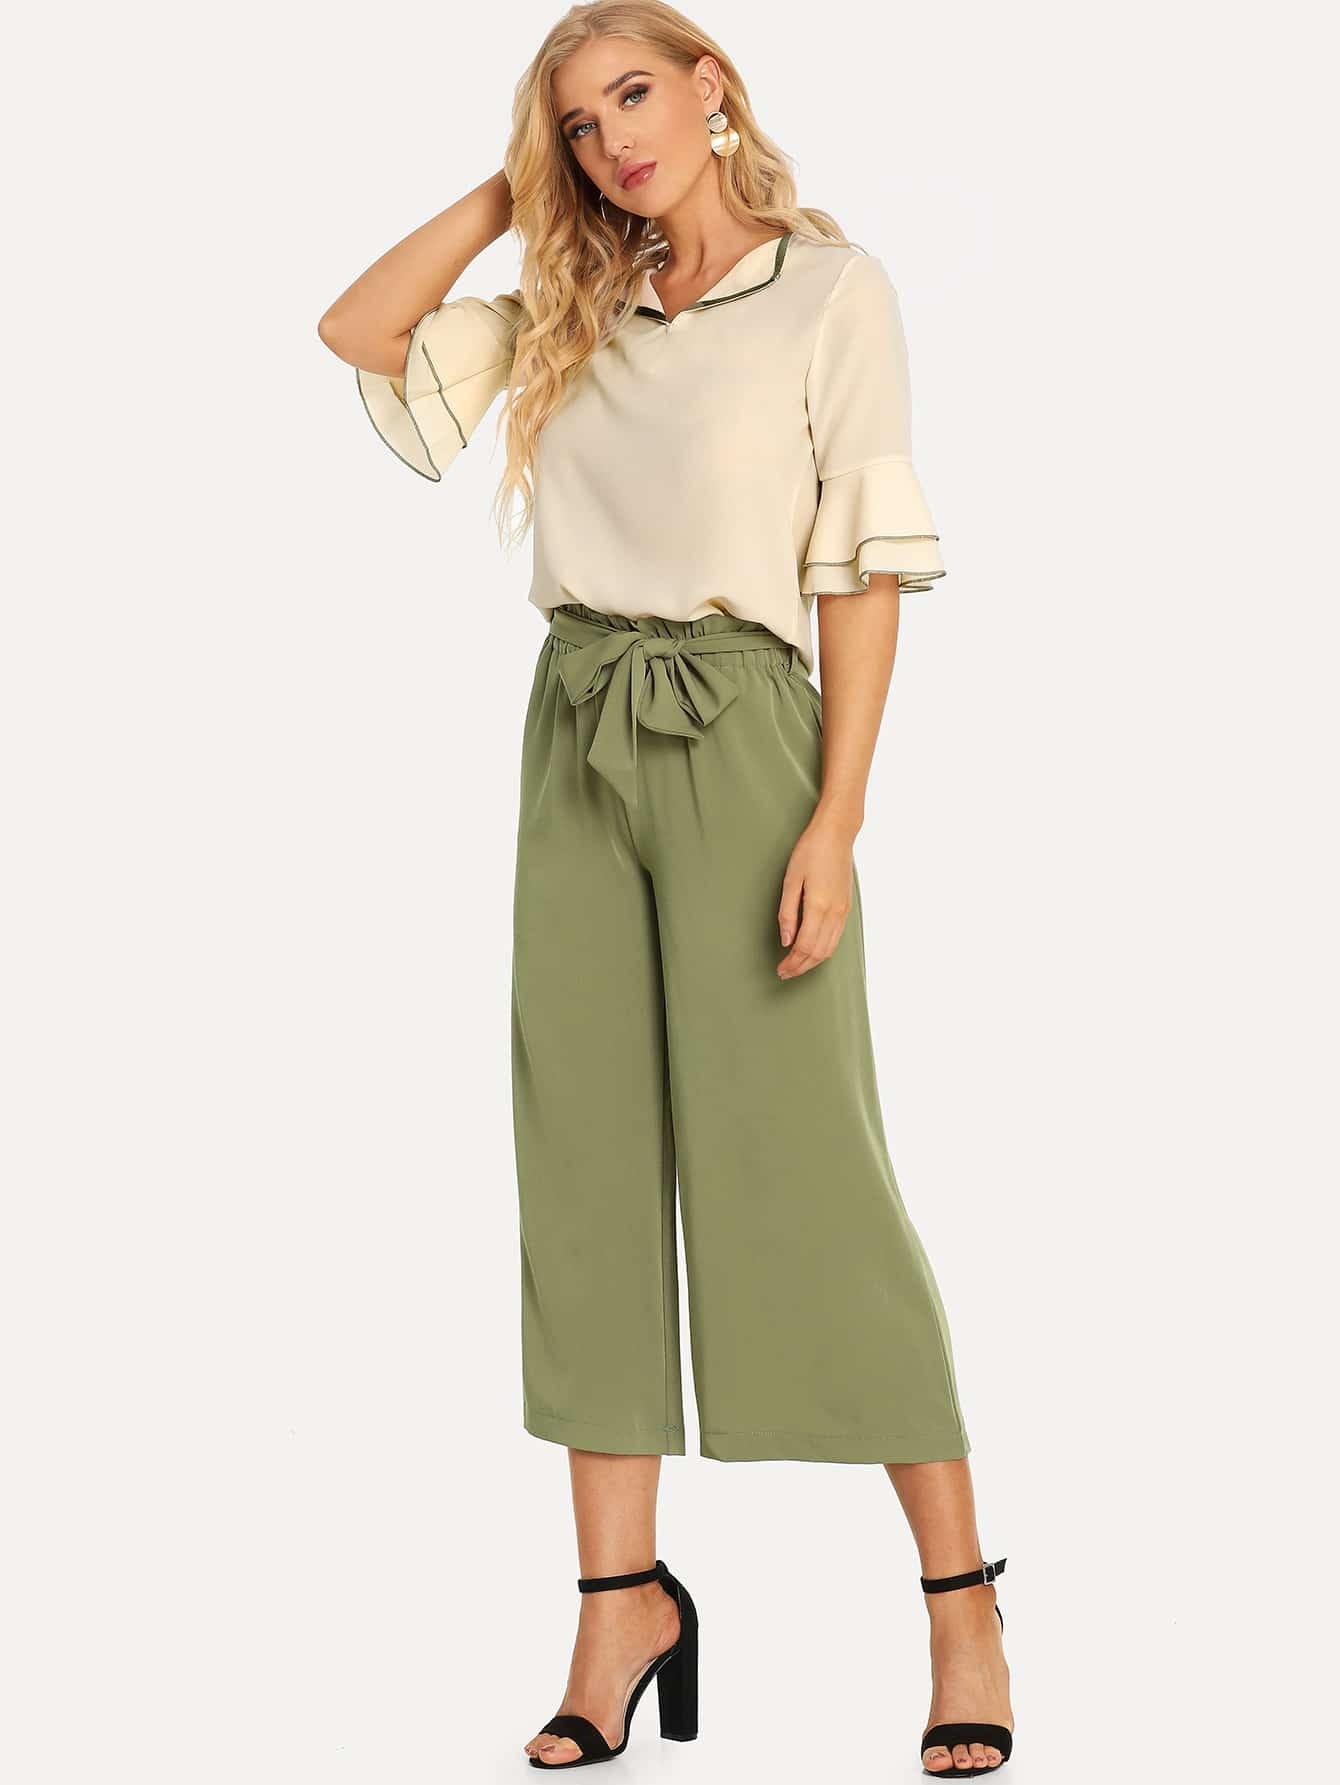 Купить Повседневный стиль Ровный цвет Пояс Многоцветный Комплект, SUSU, SheIn